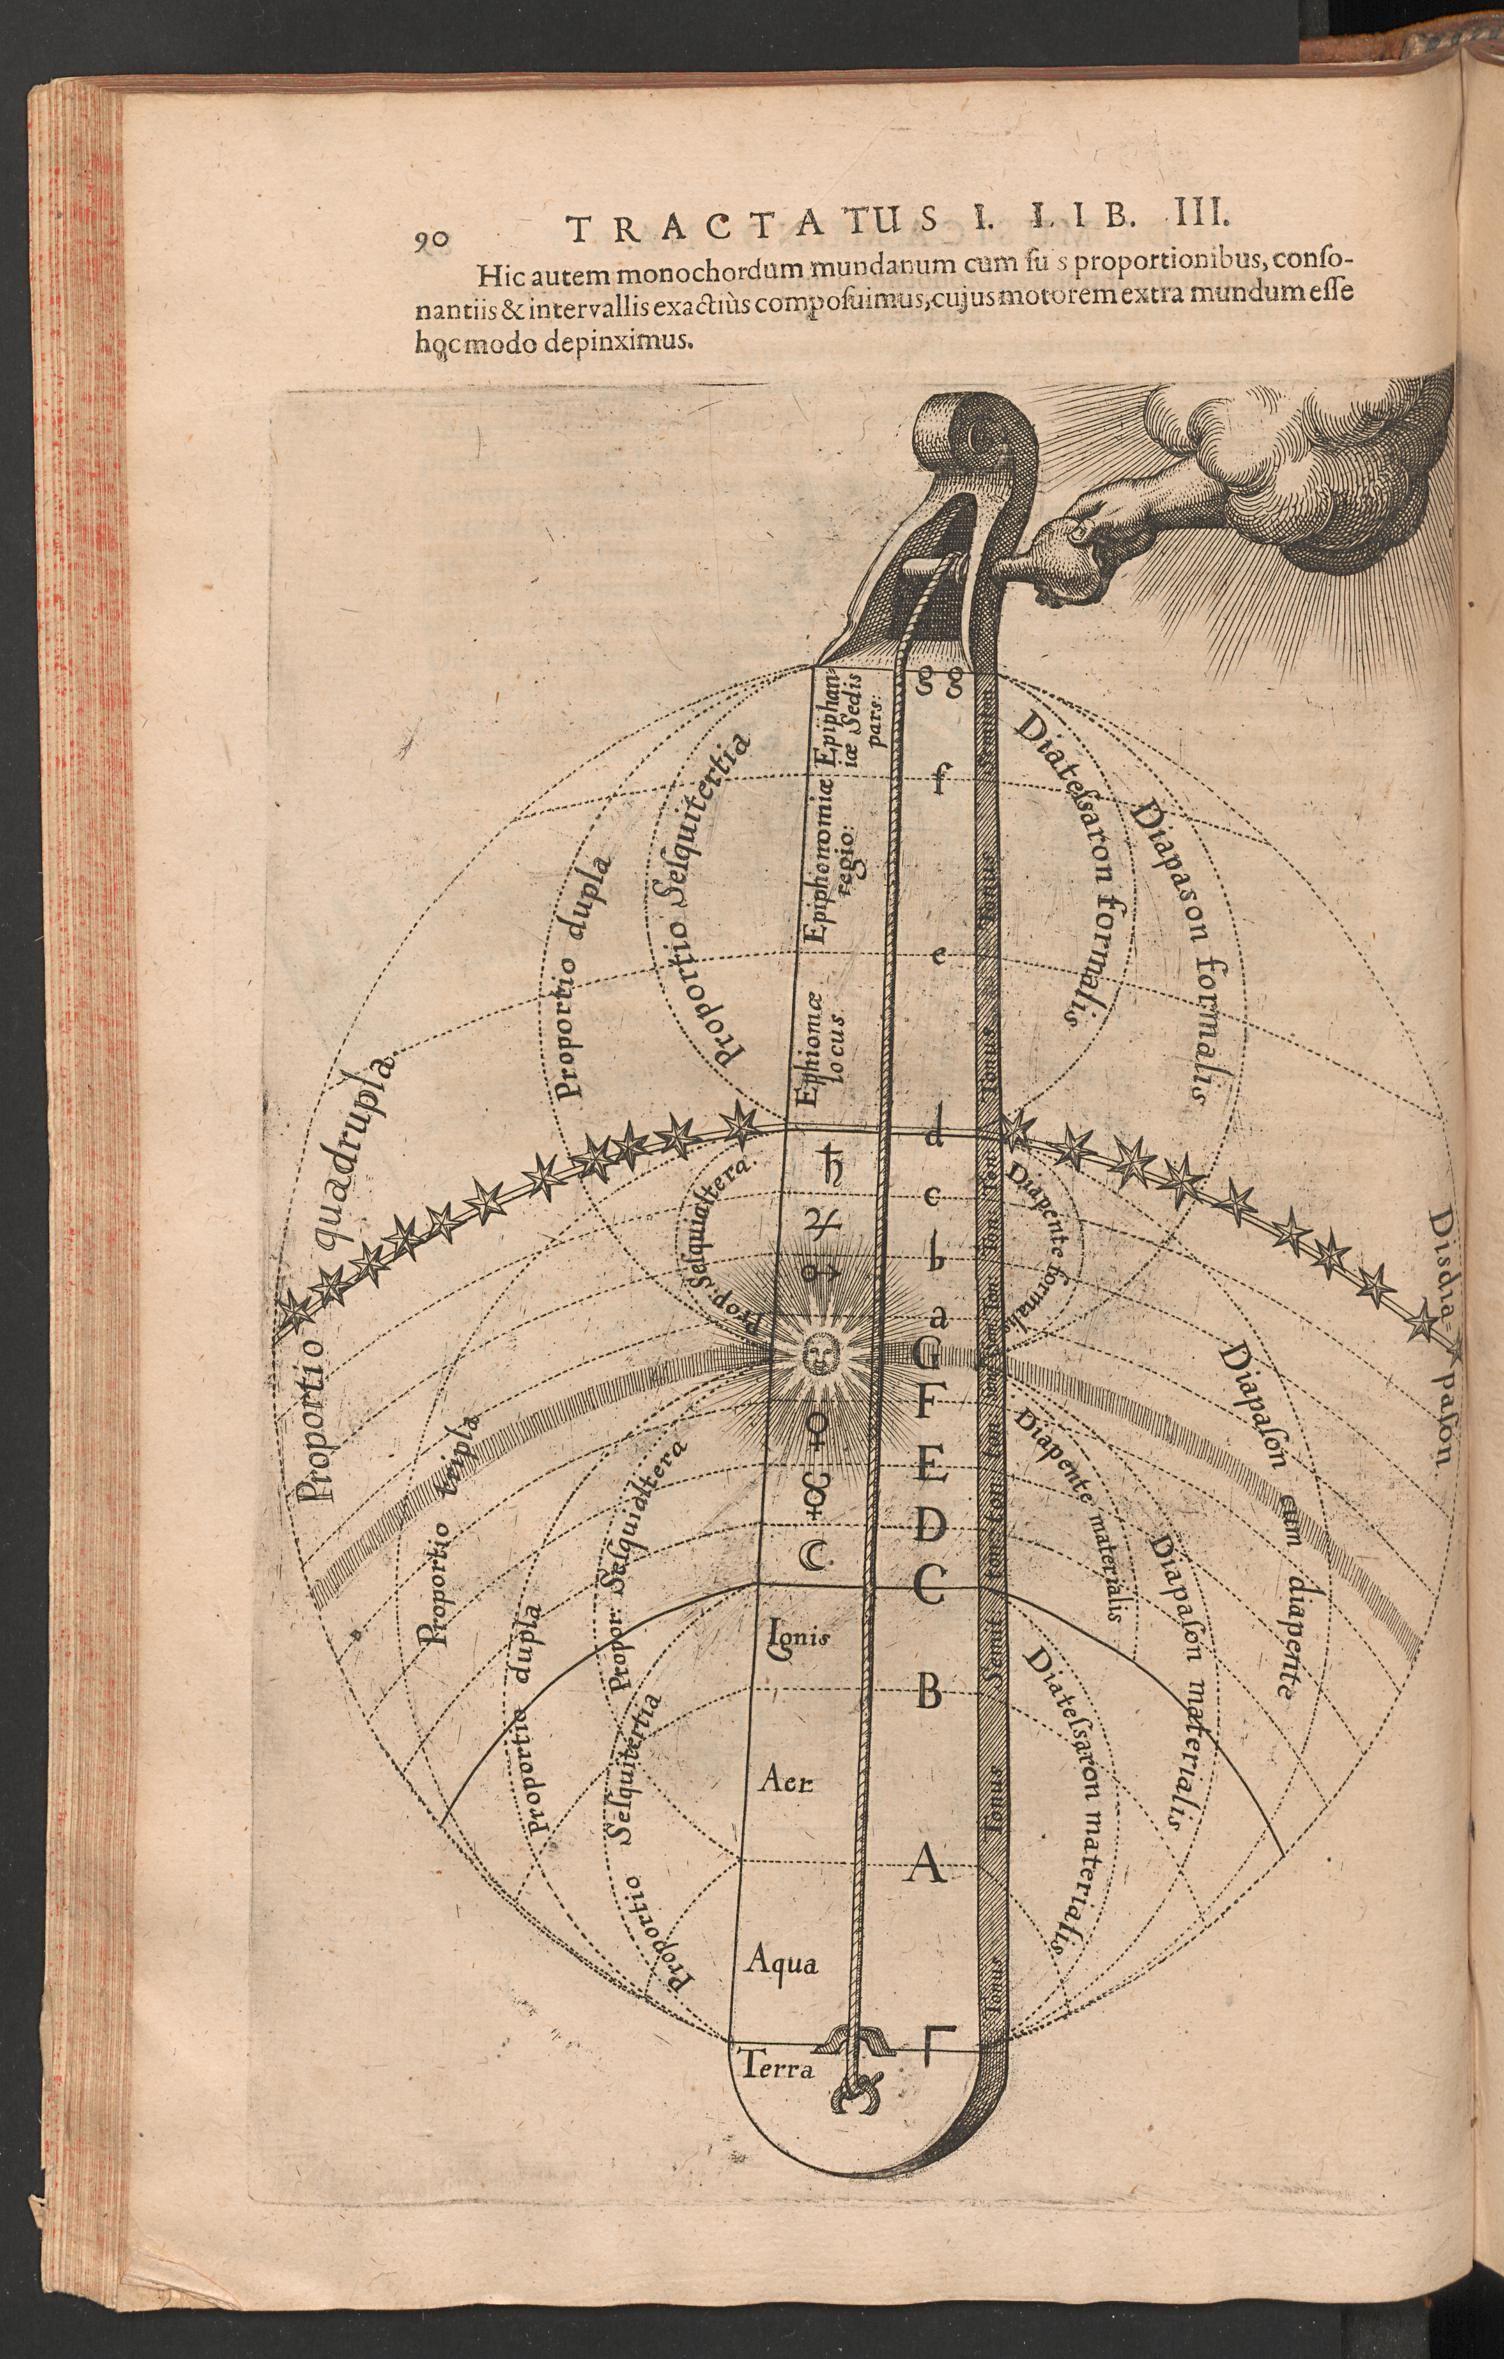 R. Fludd, Utriusque cosmi... historia, Consonanze armoniche macrocosmiche, 1617-21